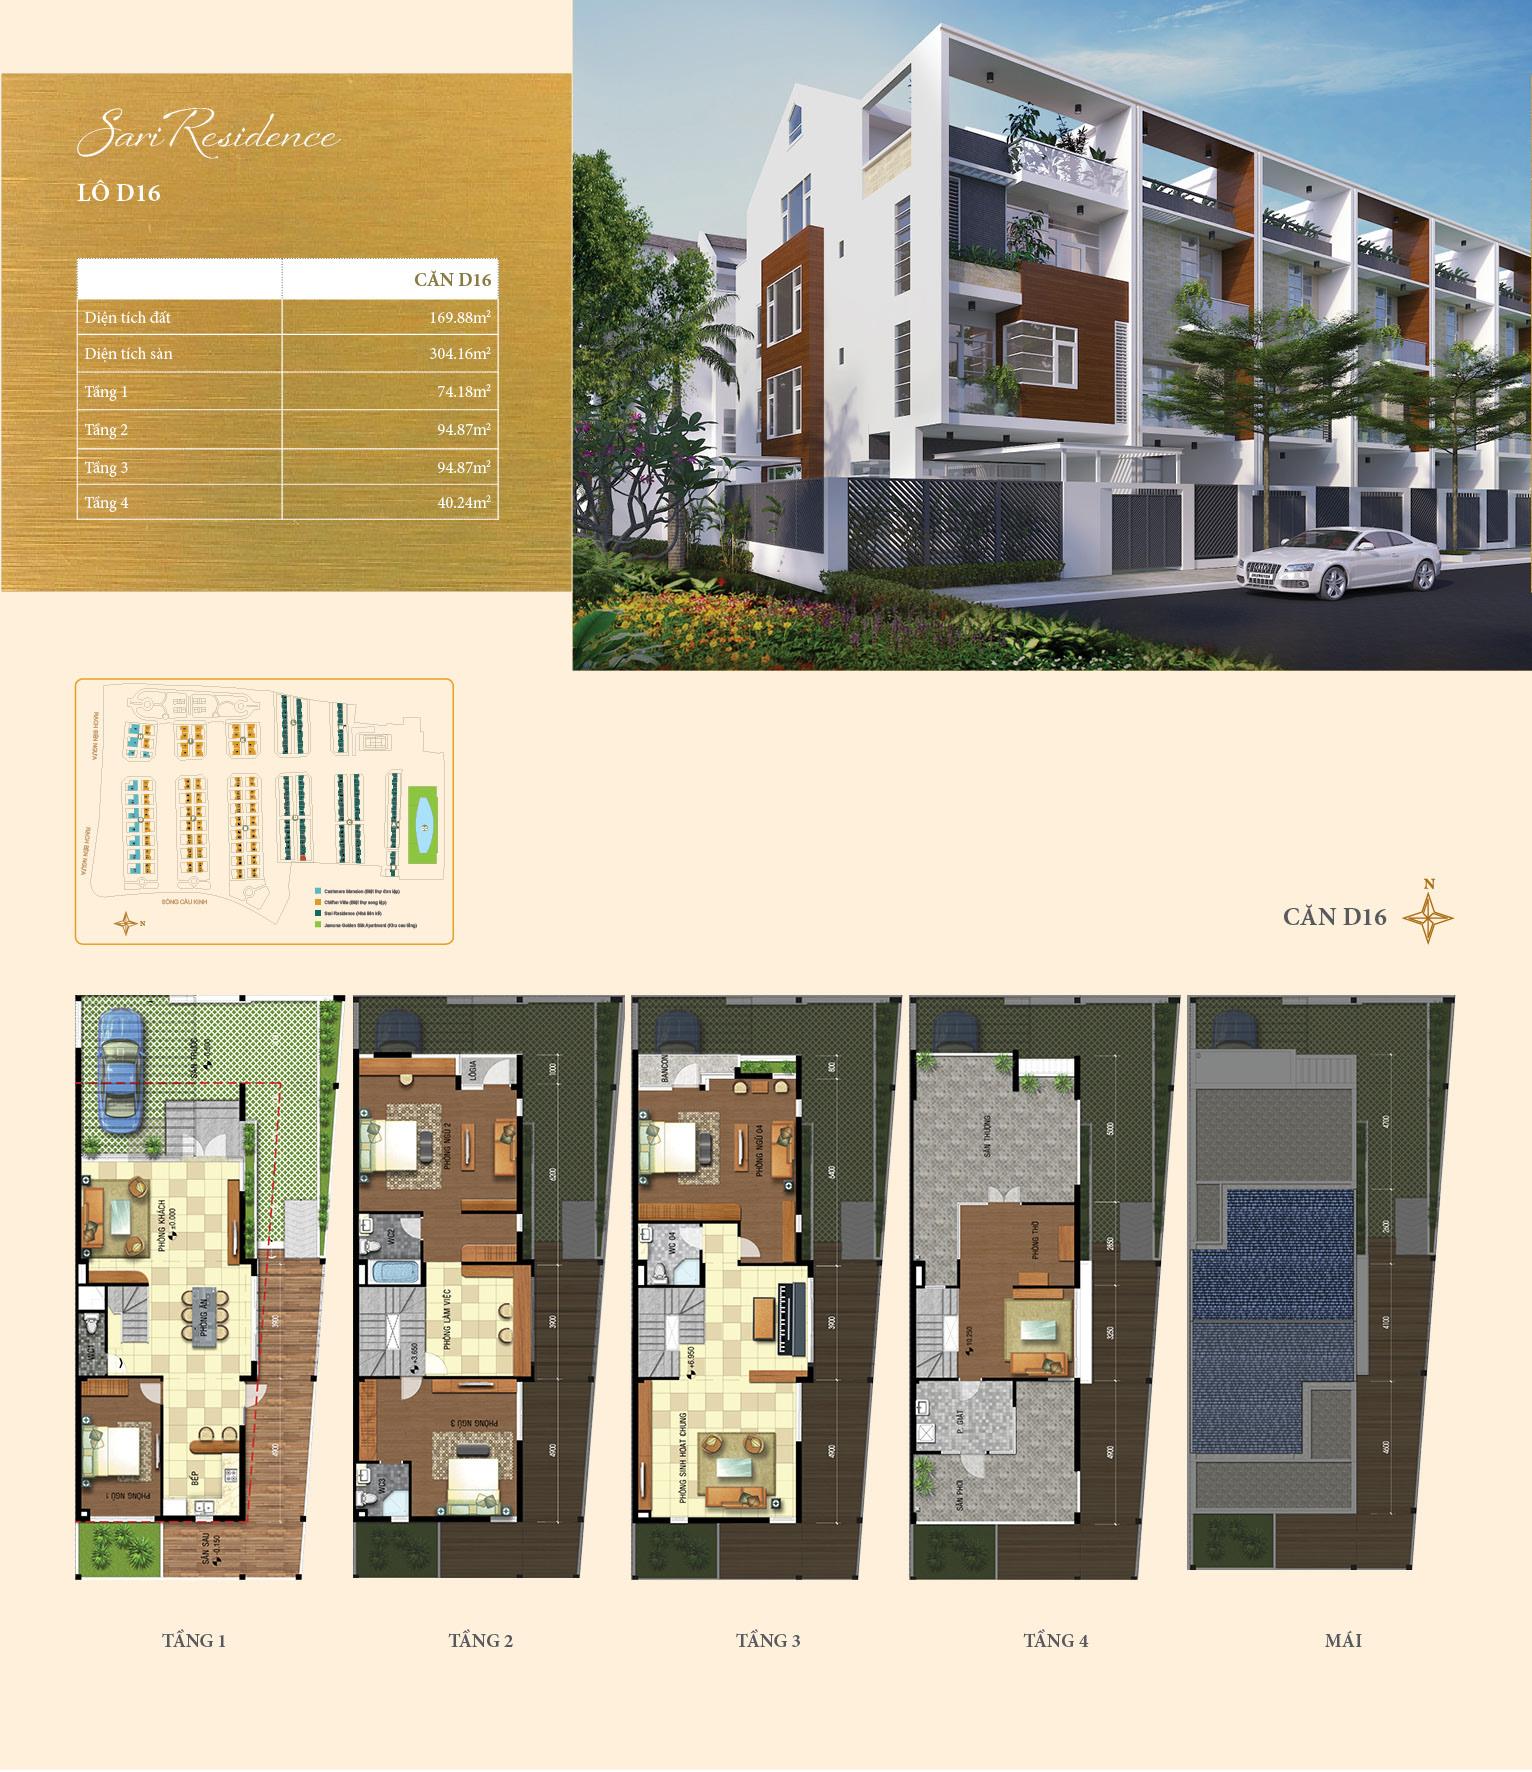 sari-residence-d16